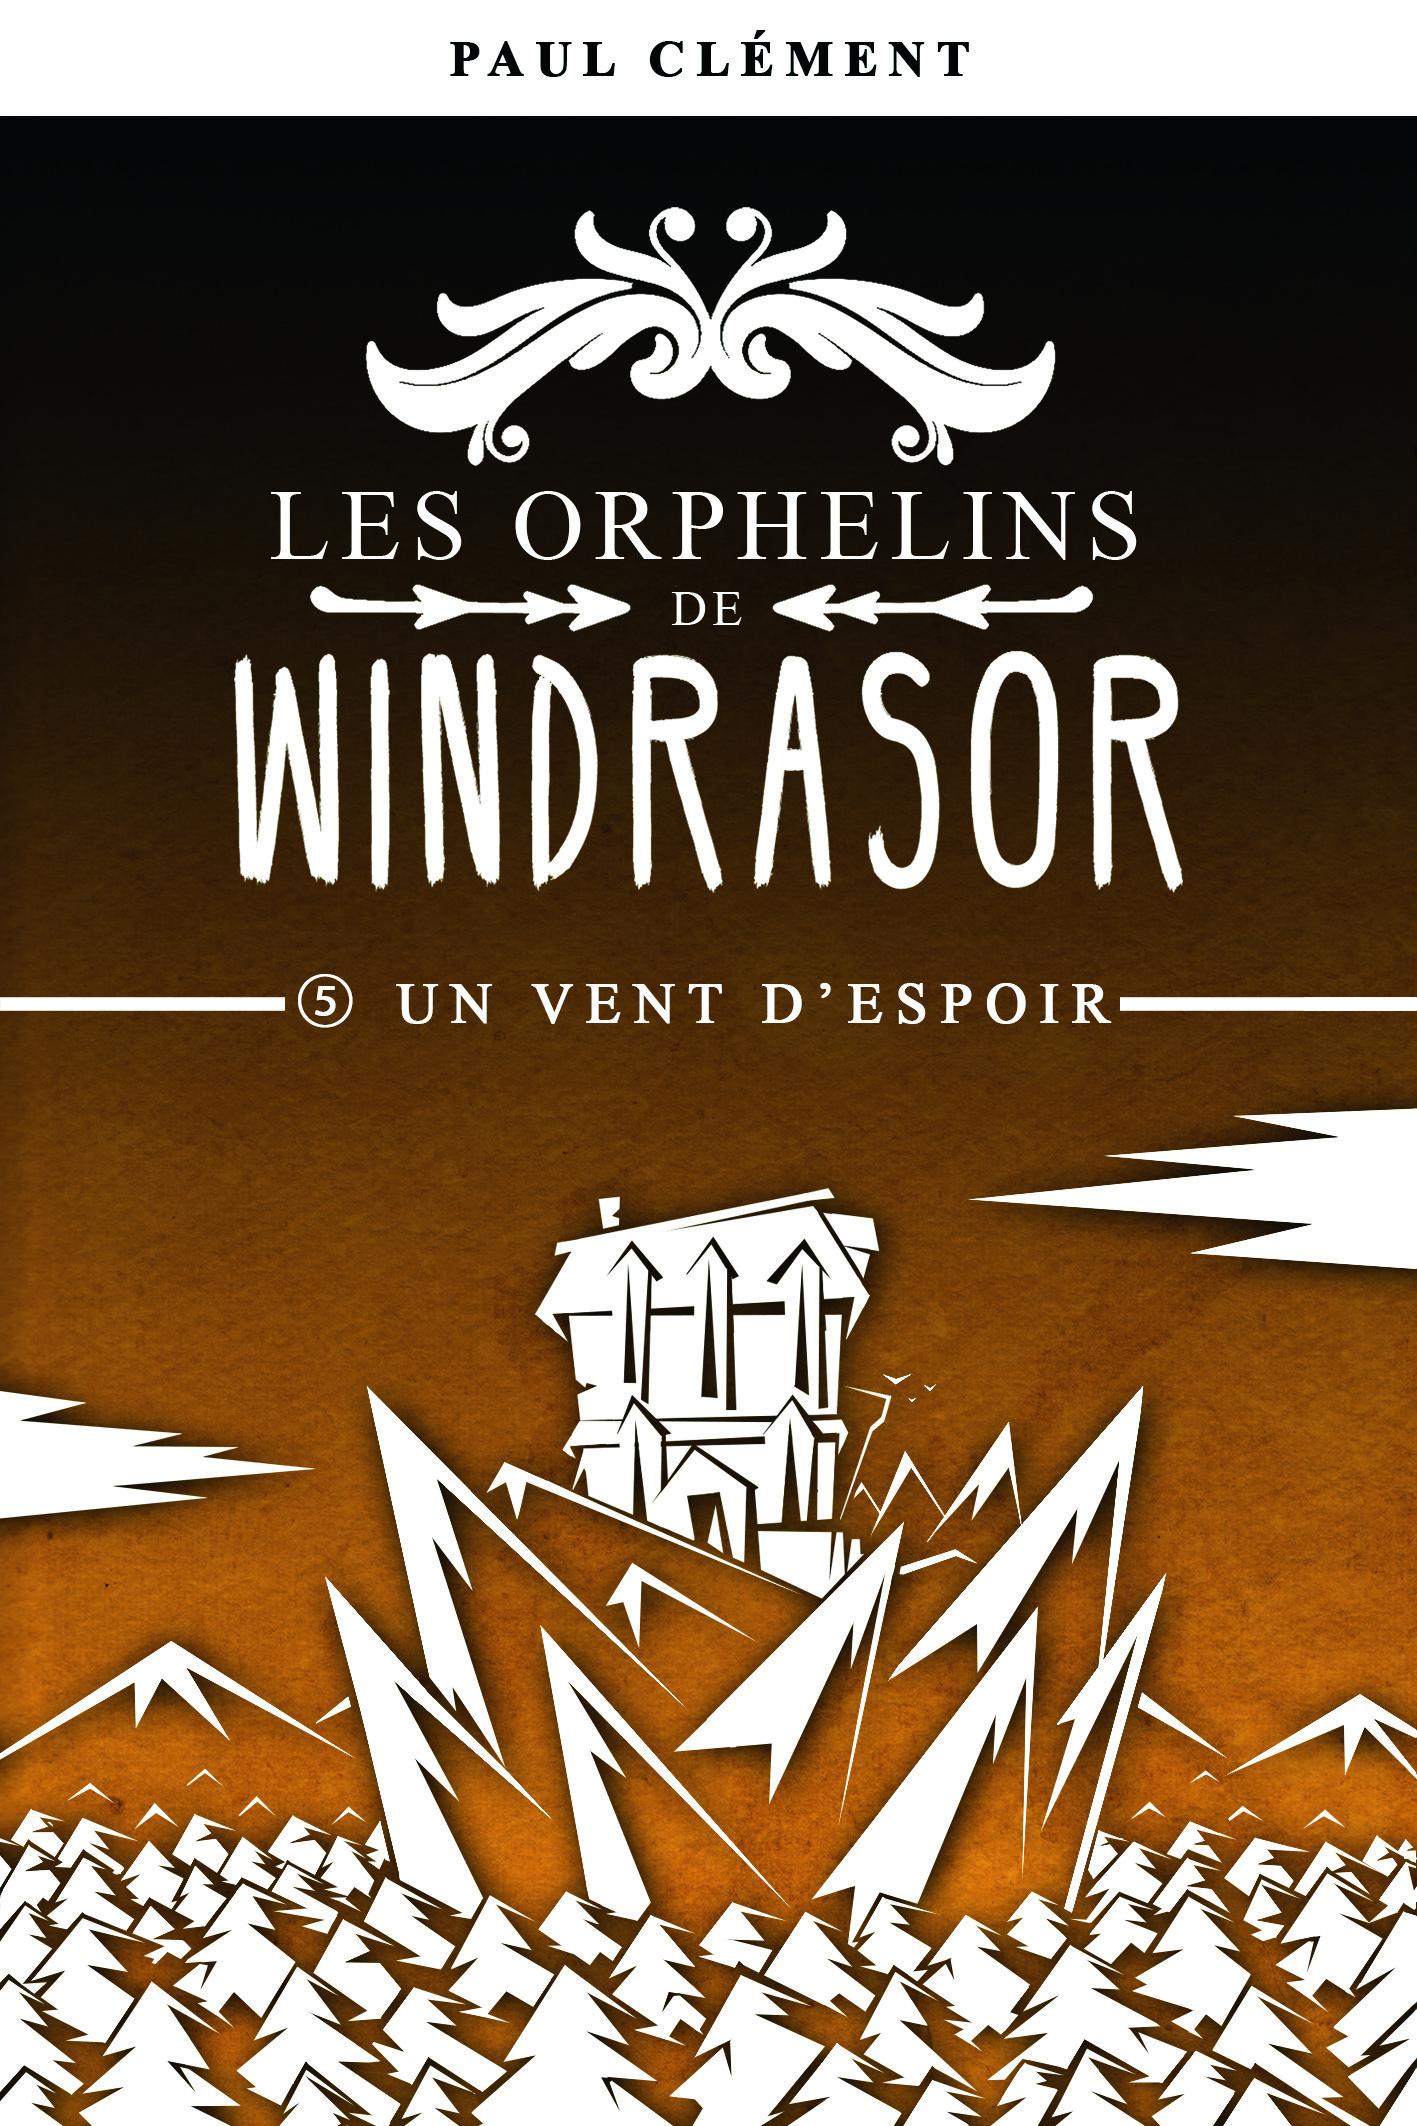 UN VENT D'ESPOIR (LES ORPHELINS DE WINDRASOR EPISODE 5)